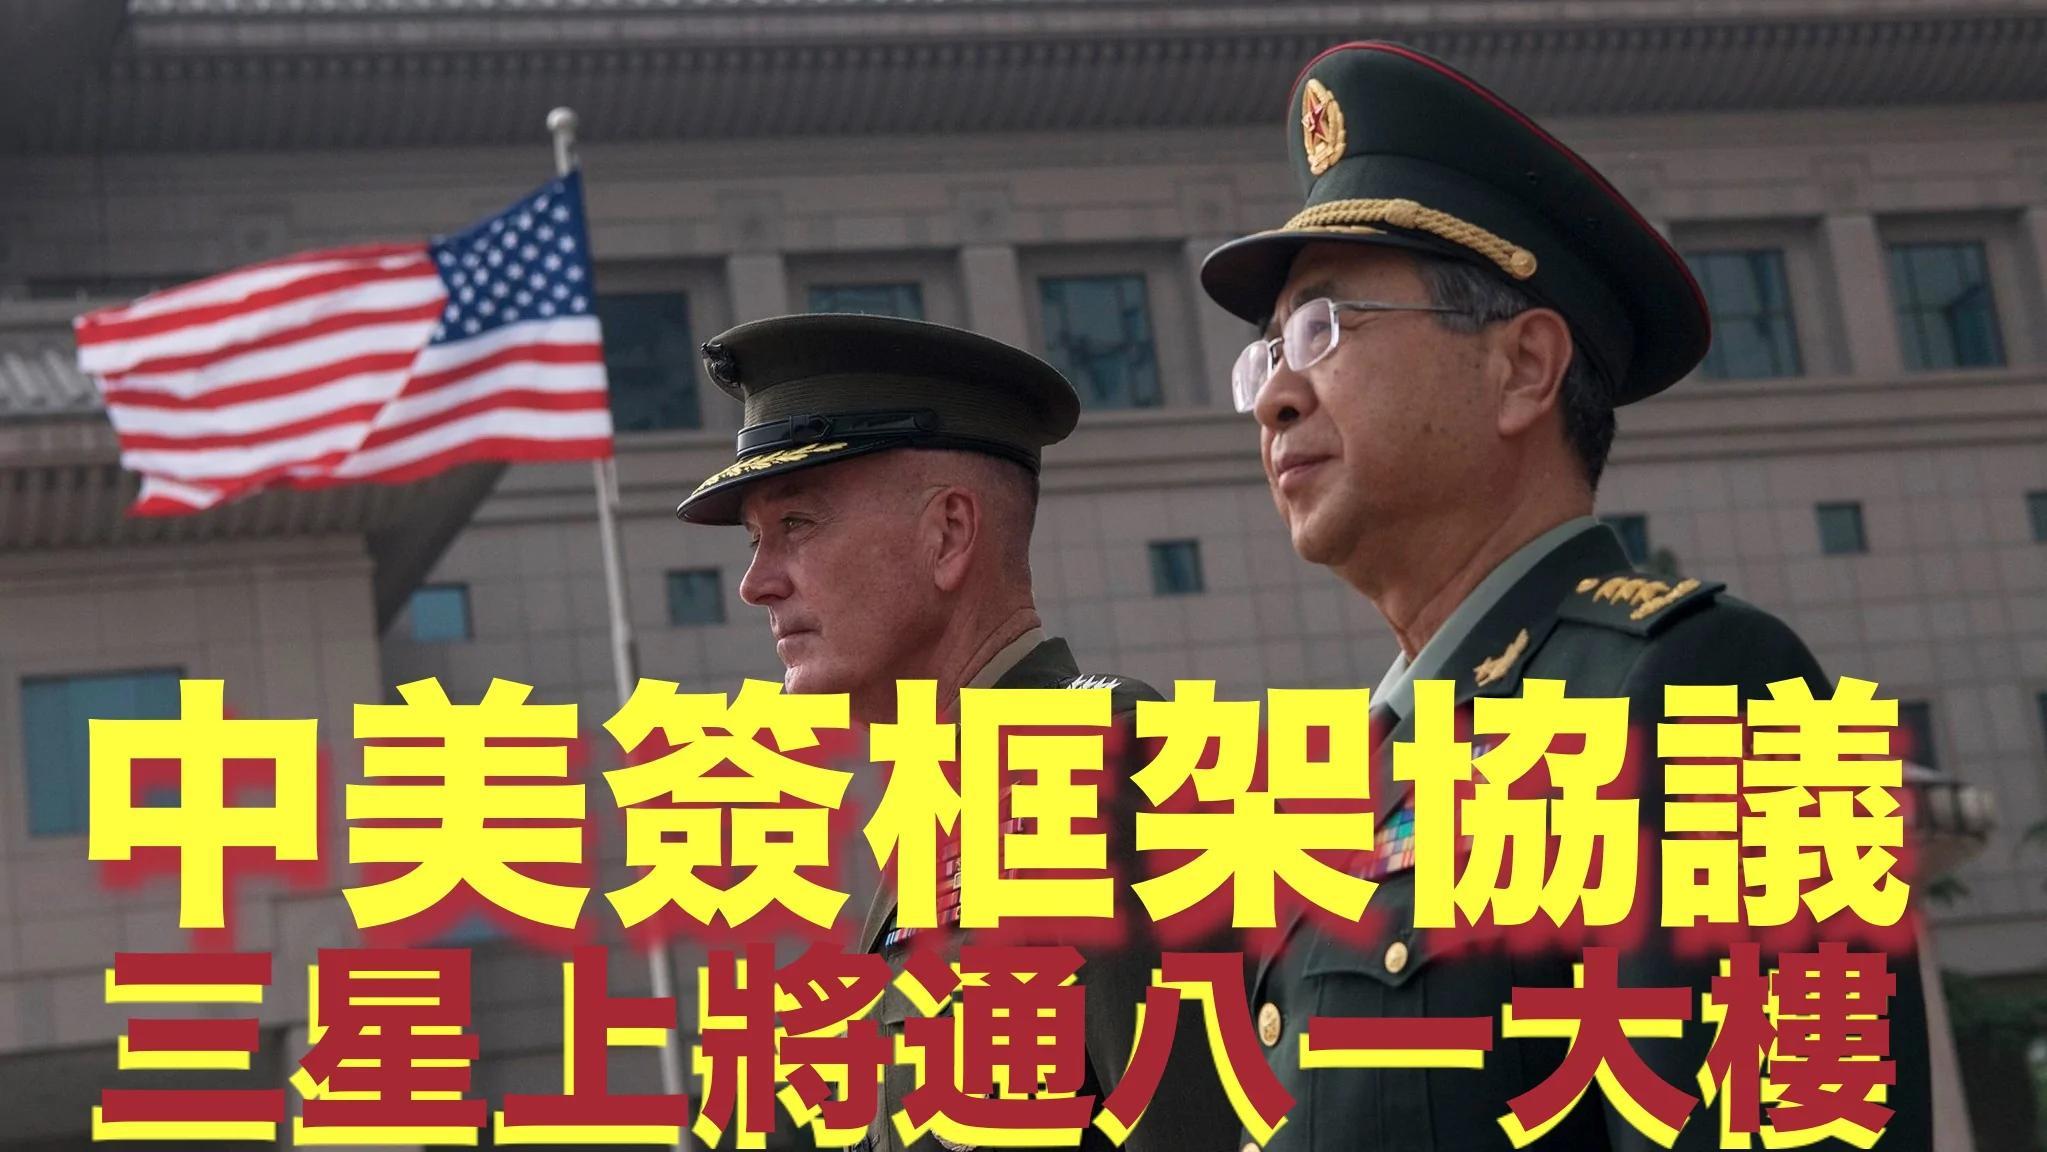 中美签框架协议 美三星上将直通八一大楼